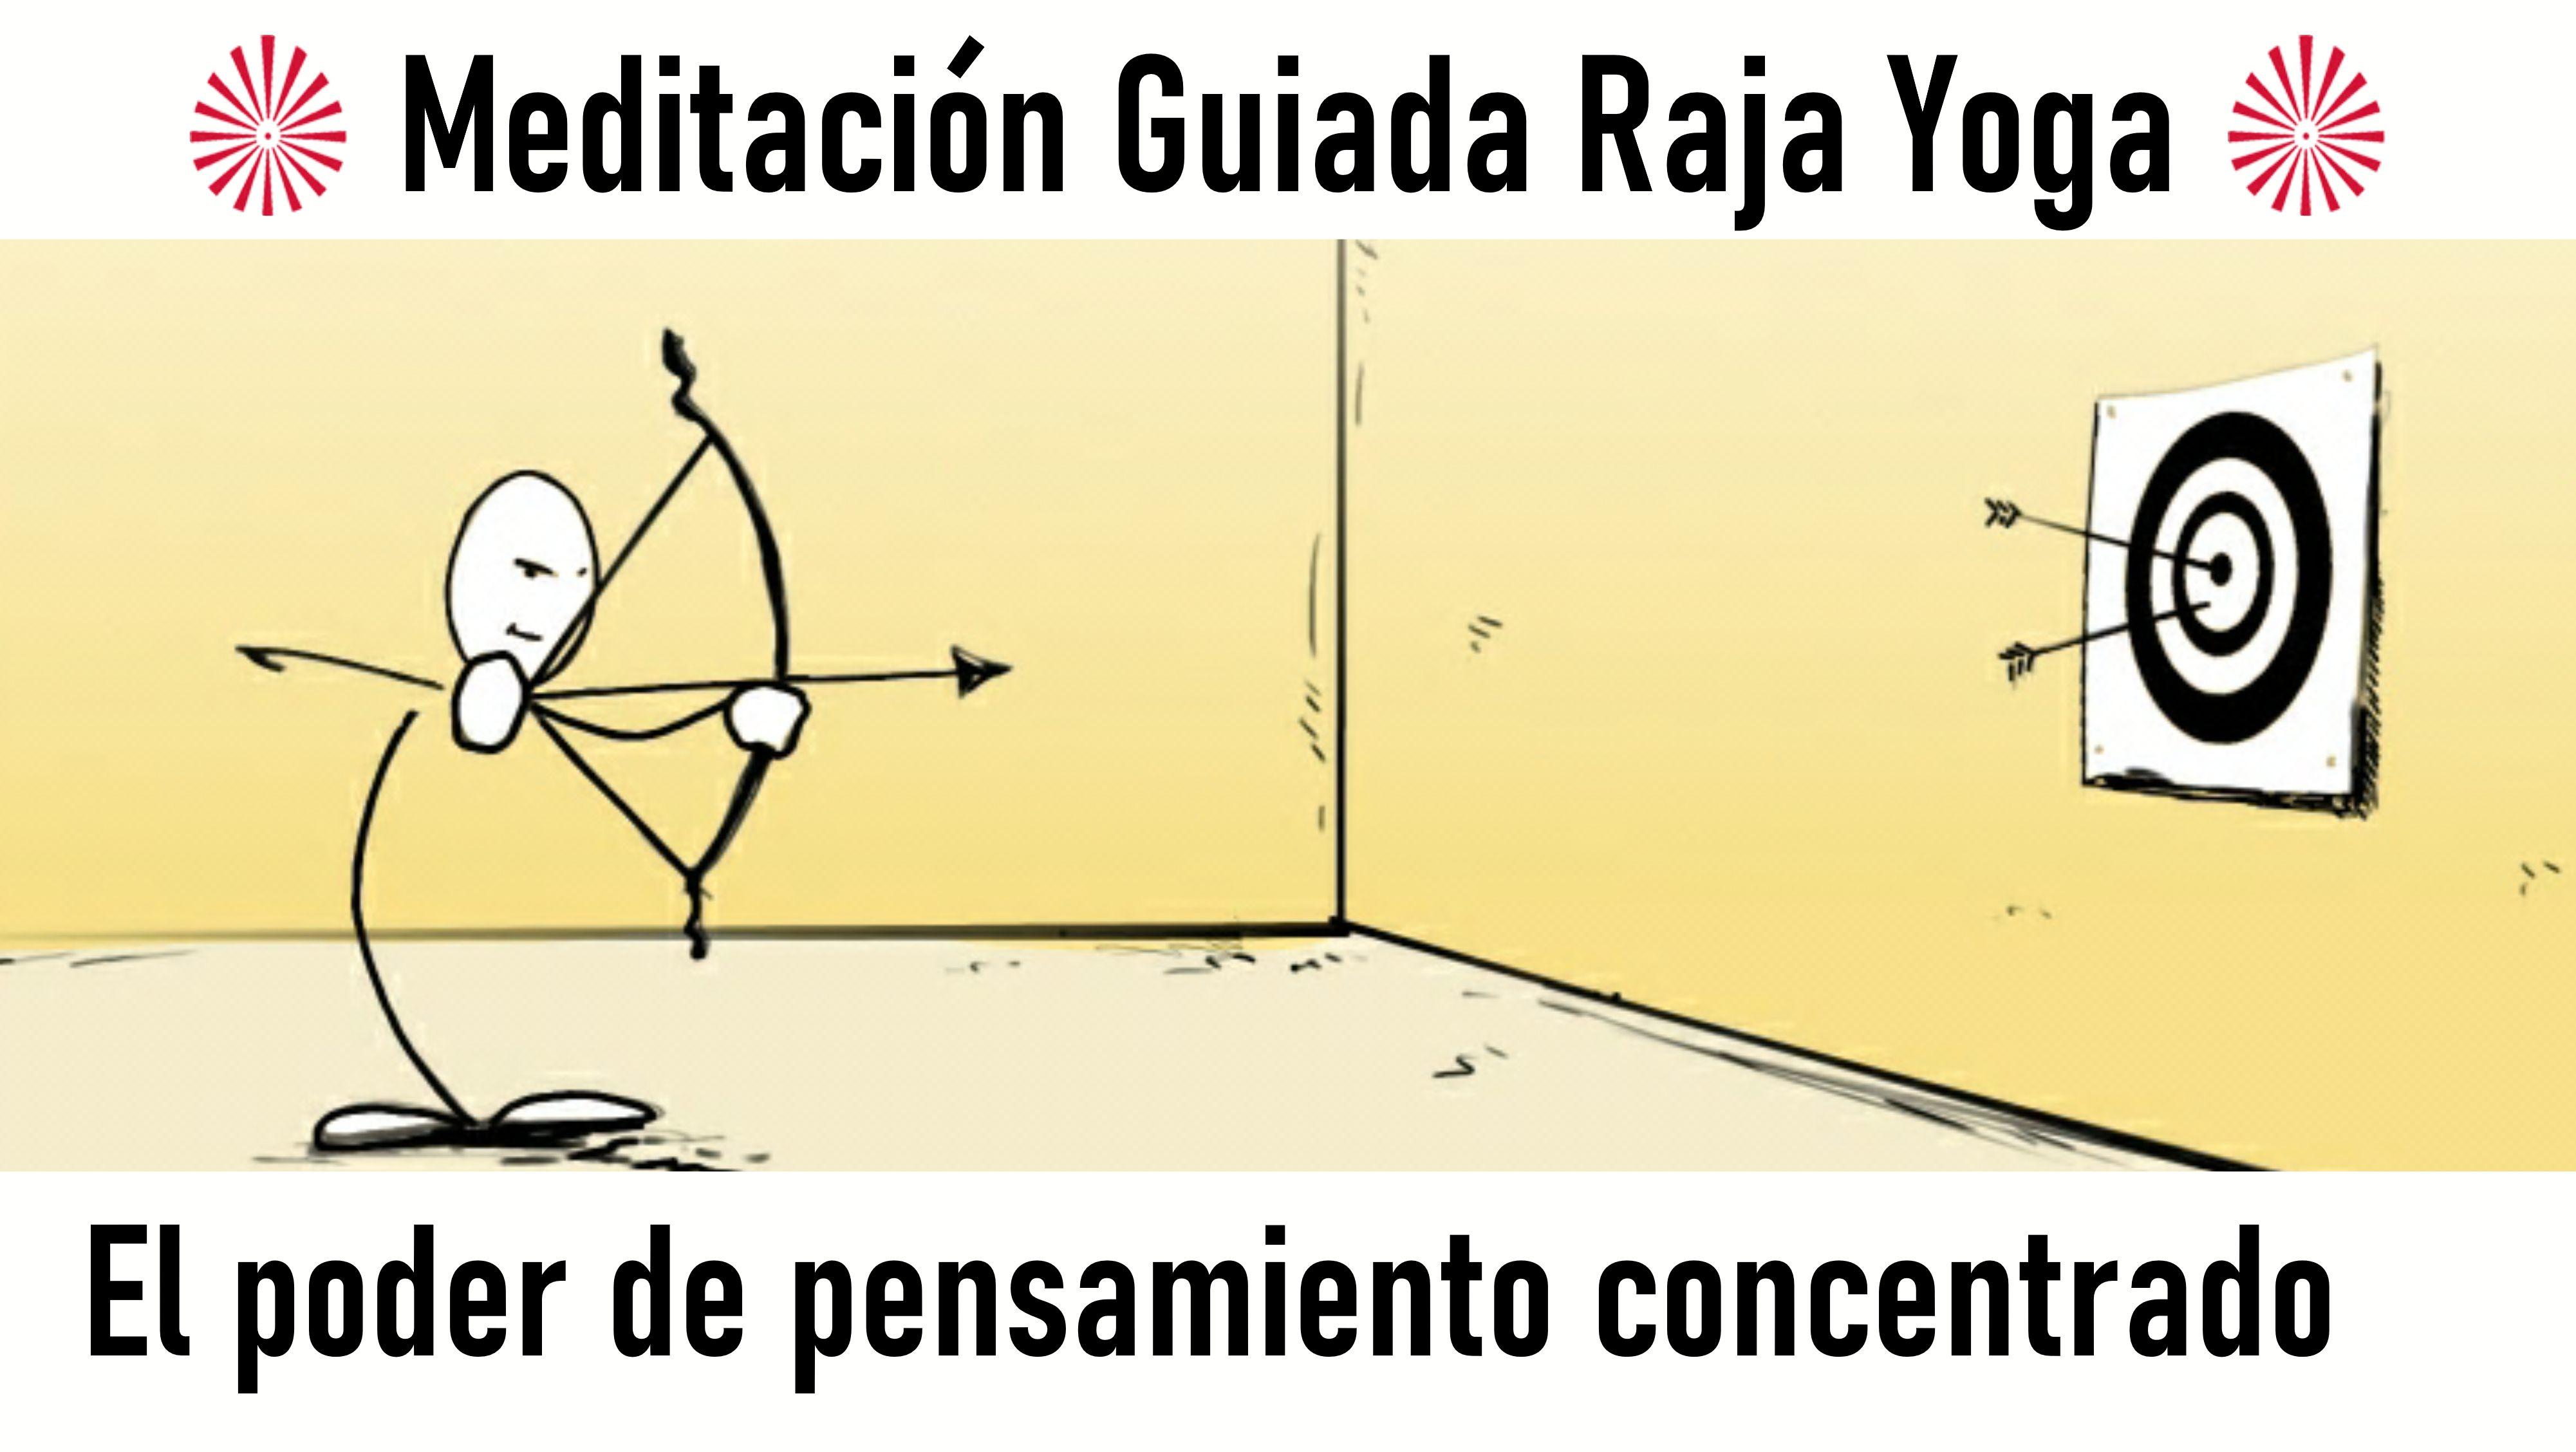 Meditación Raja Yoga:  El poder del pensamiento concentrado (14 Agosto 2020) On-line desde Barcelona